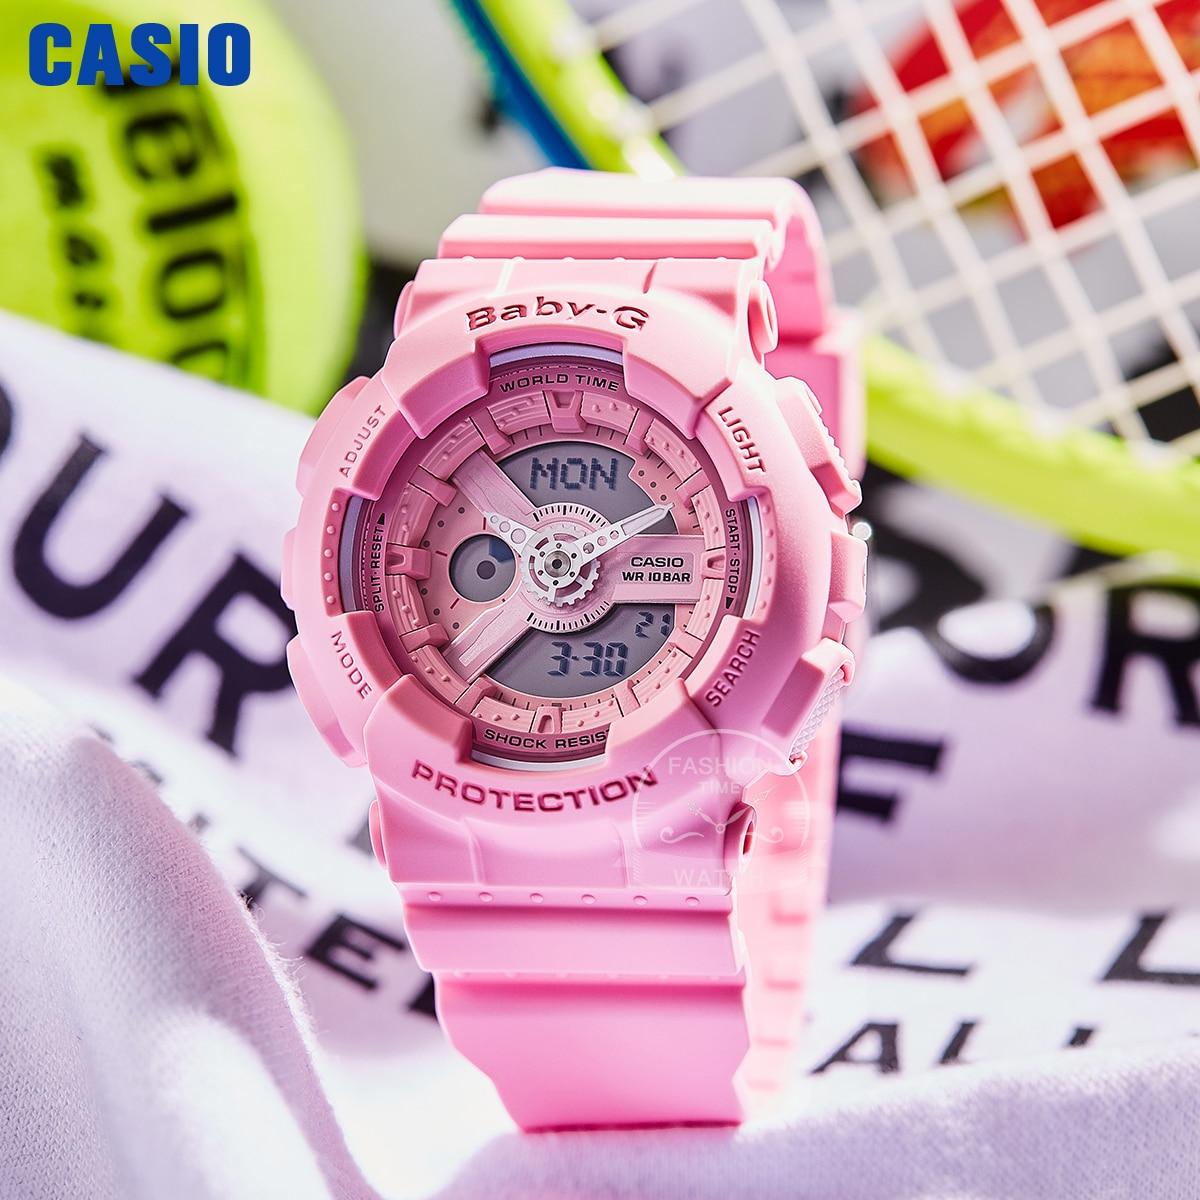 Casio watch men g shock top luxury set military Chronograph LED digital watch sport quartz men watch часы мужские BA-110-4A1